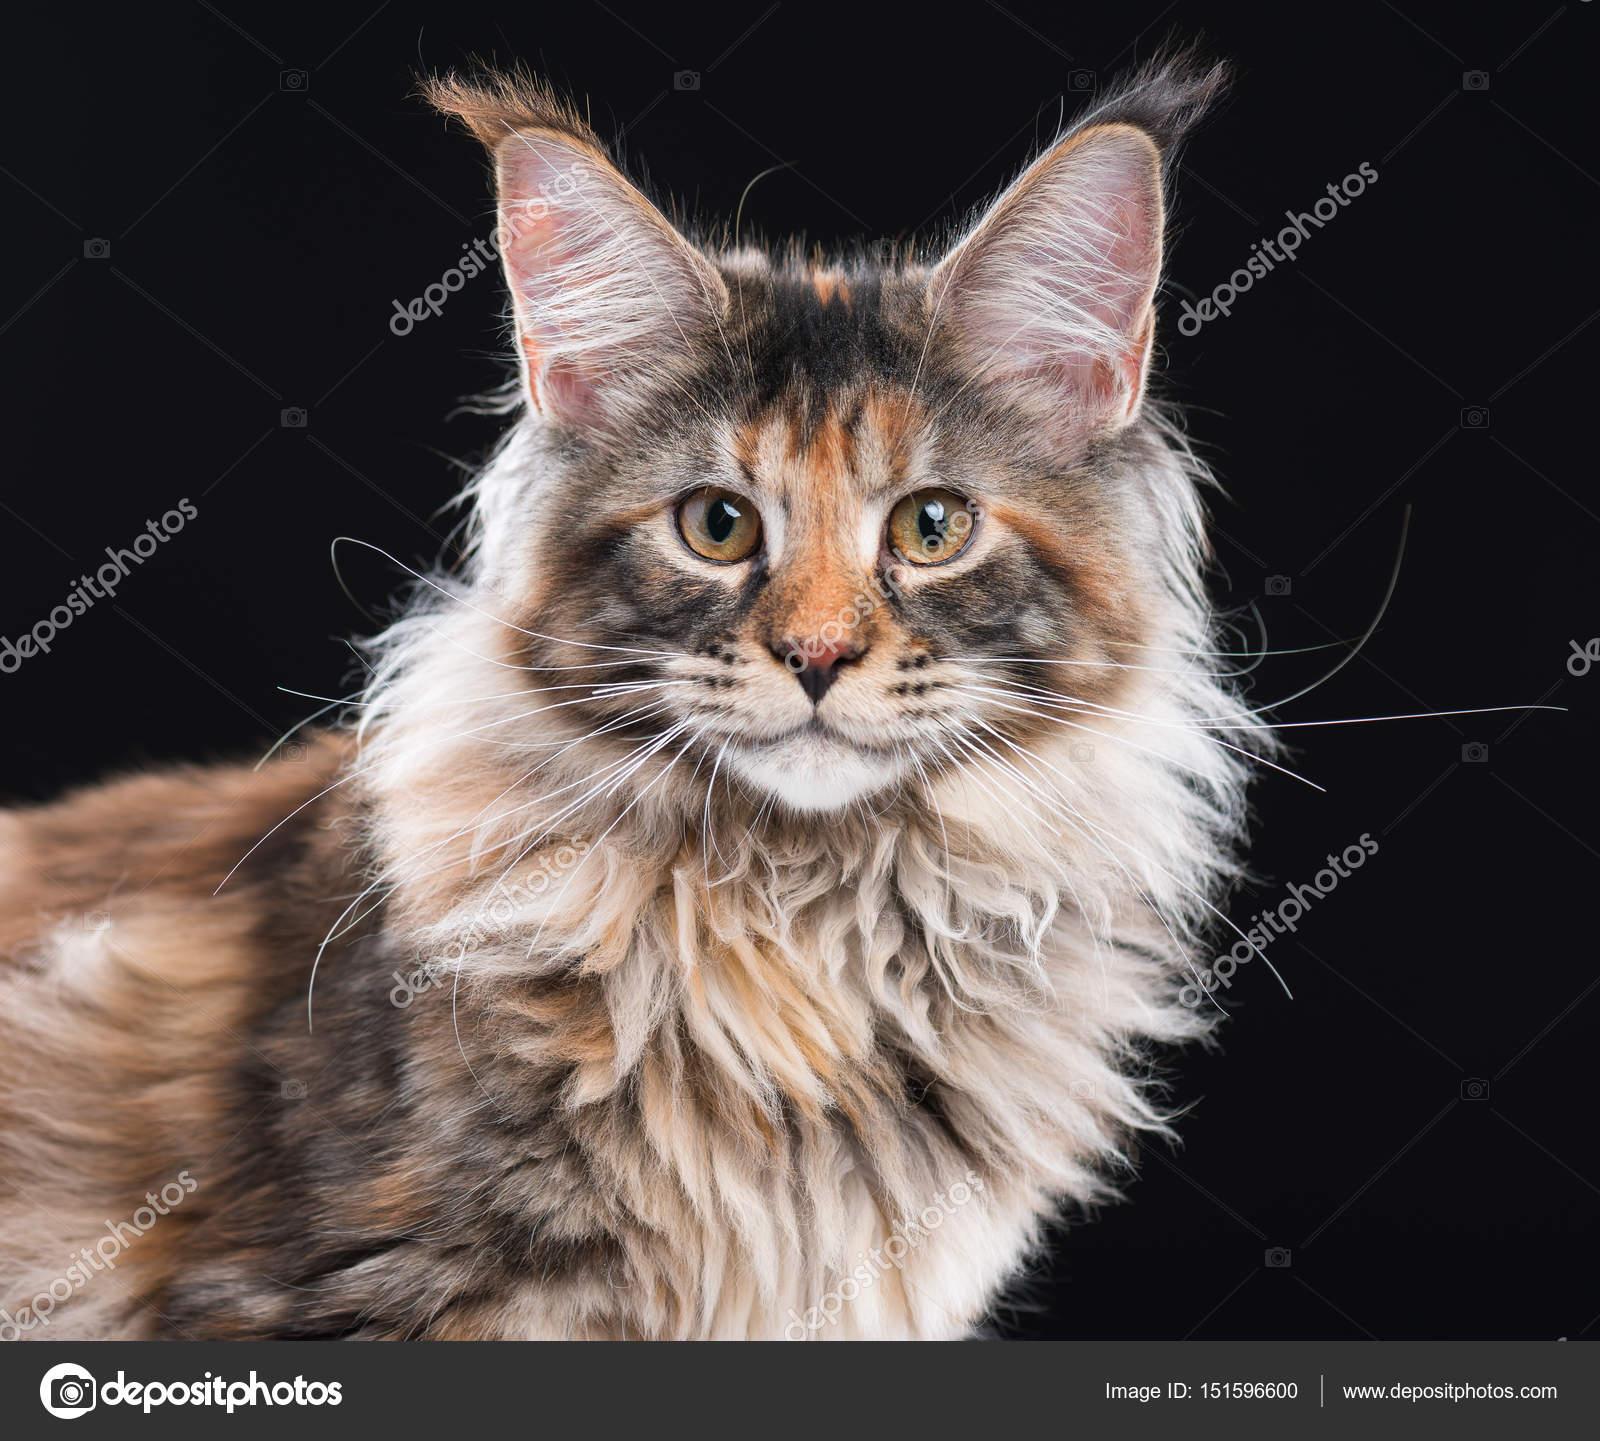 portrait de chat maine coon photographie denisnata 151596600. Black Bedroom Furniture Sets. Home Design Ideas